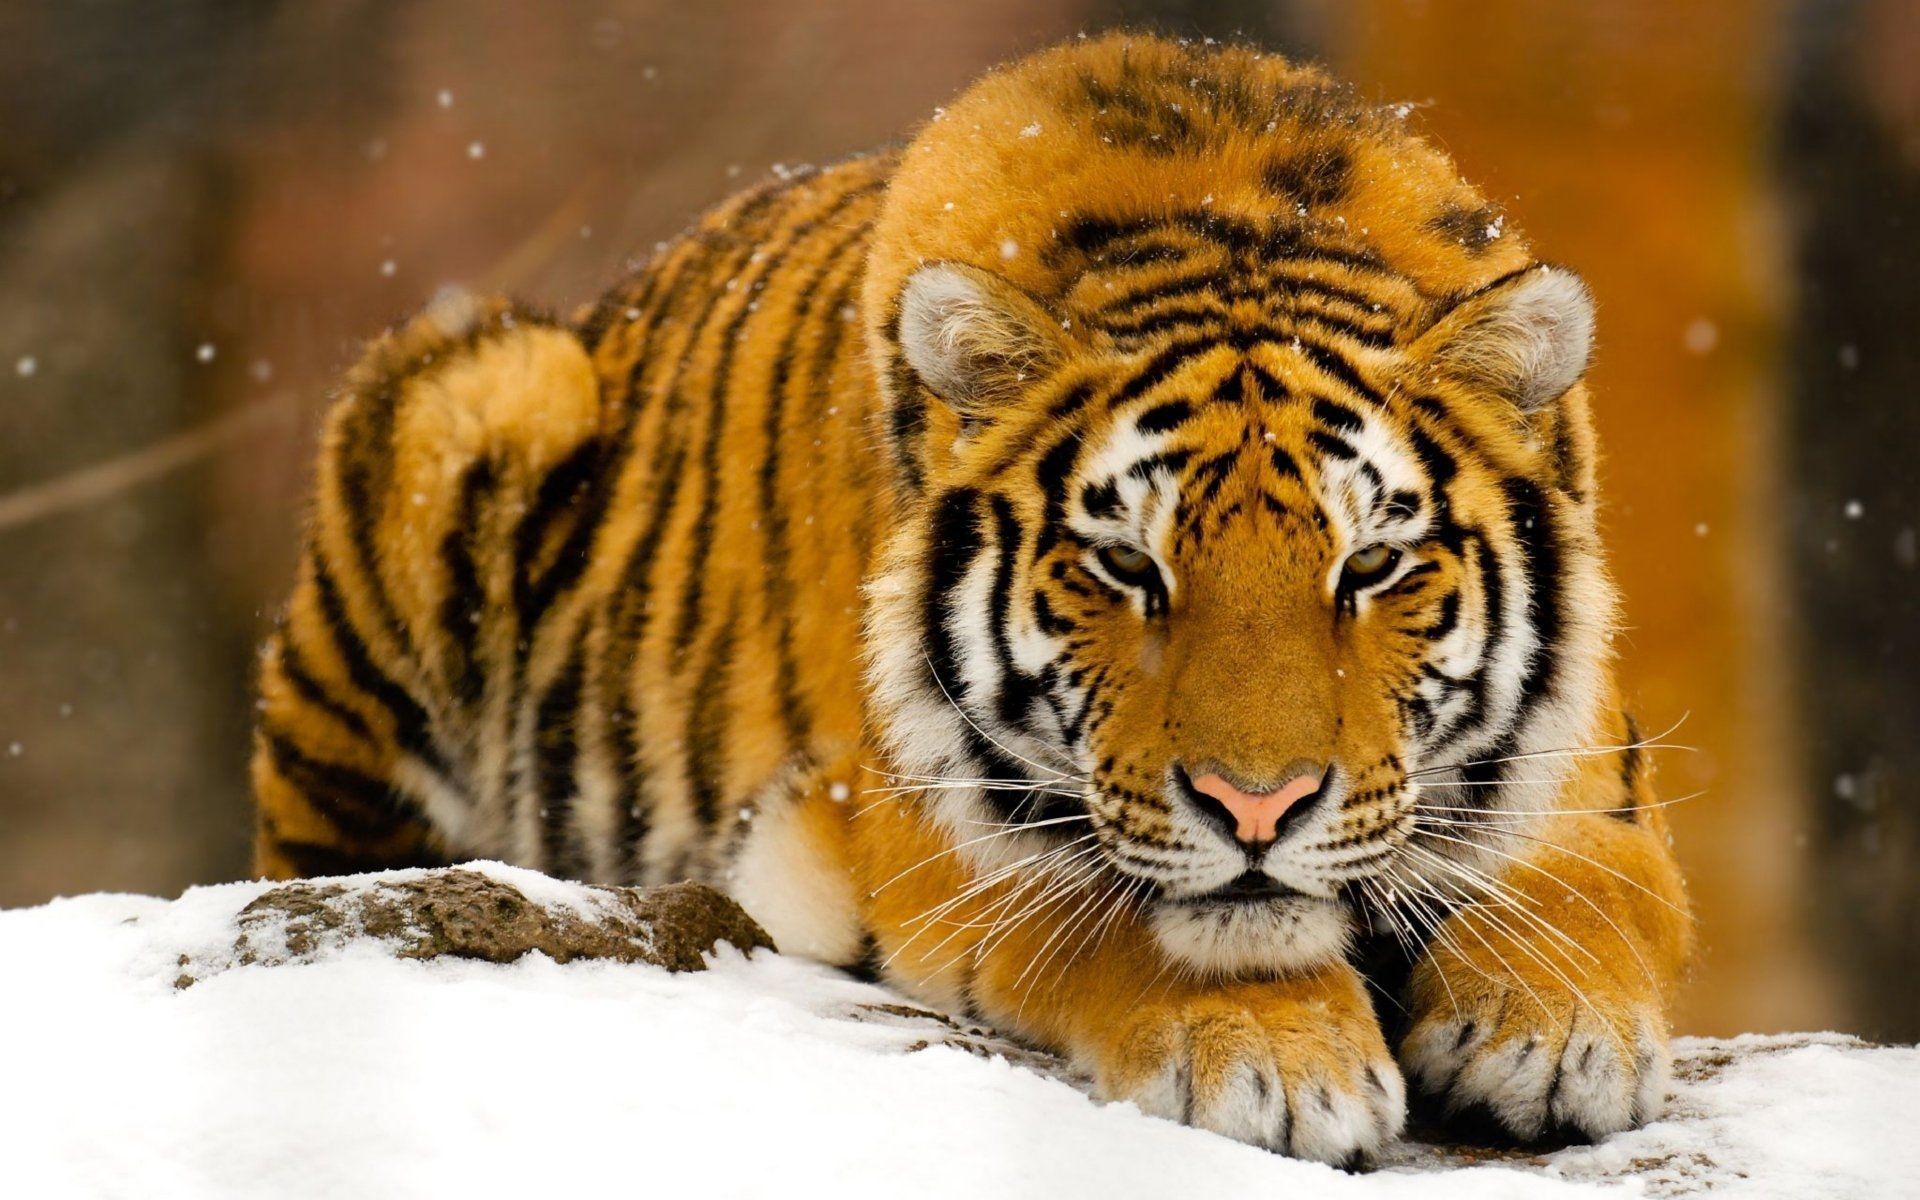 Tiger, Wallpaper Theme